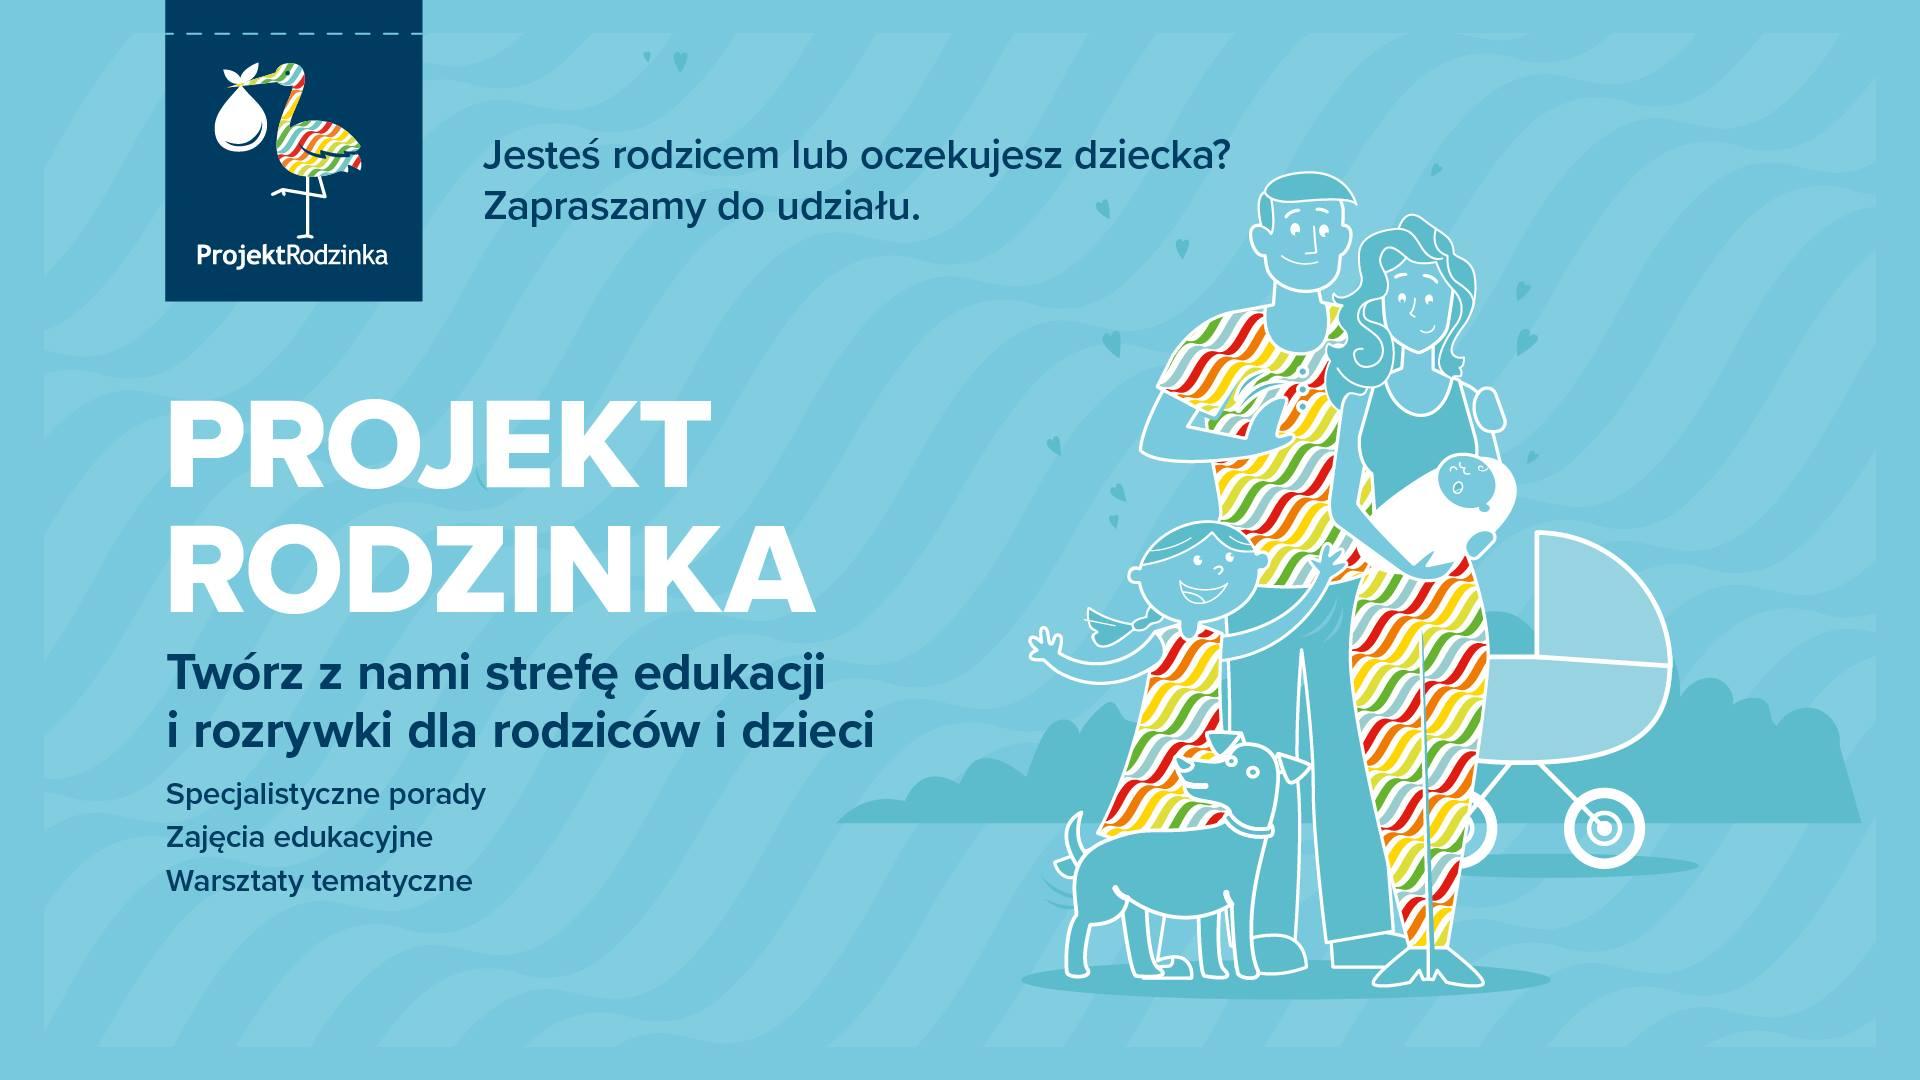 Projekt Rodzinka: weź udział w niezwykłych warsztatach dla rodziców